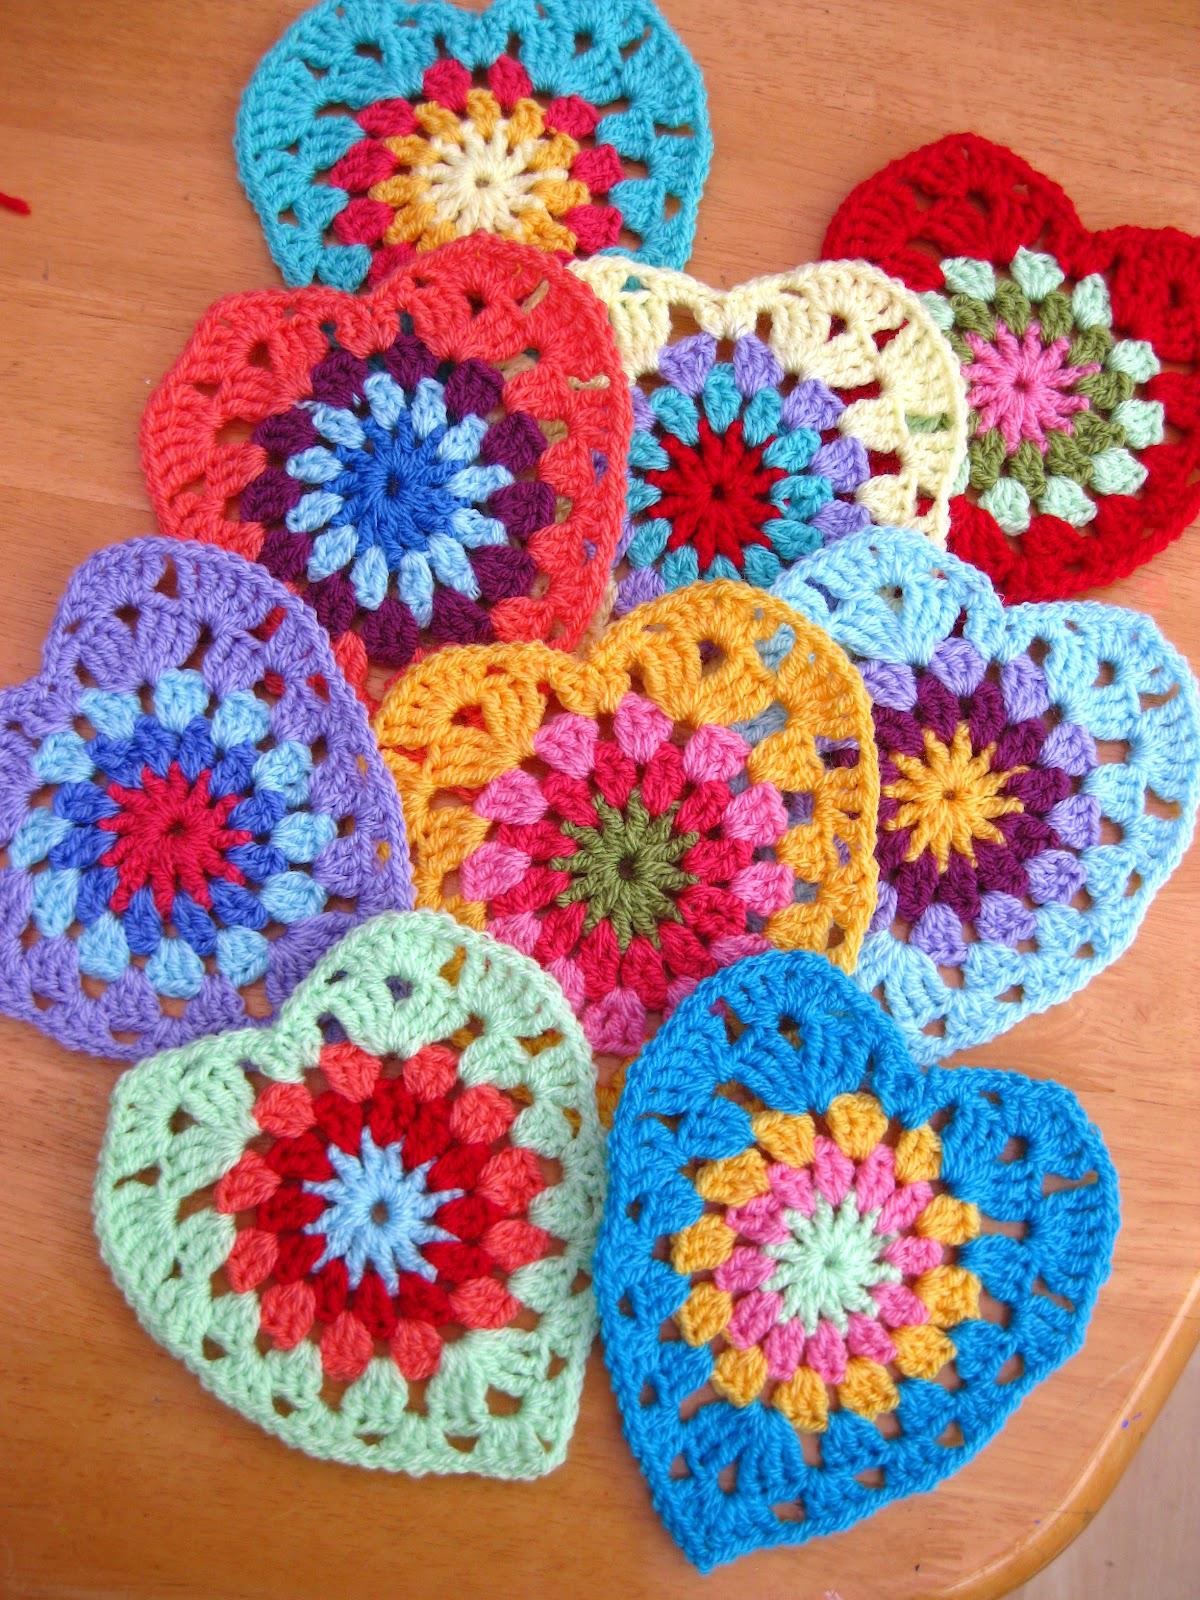 Sweet Crochet Hearts Beautiful Crochet Stuff